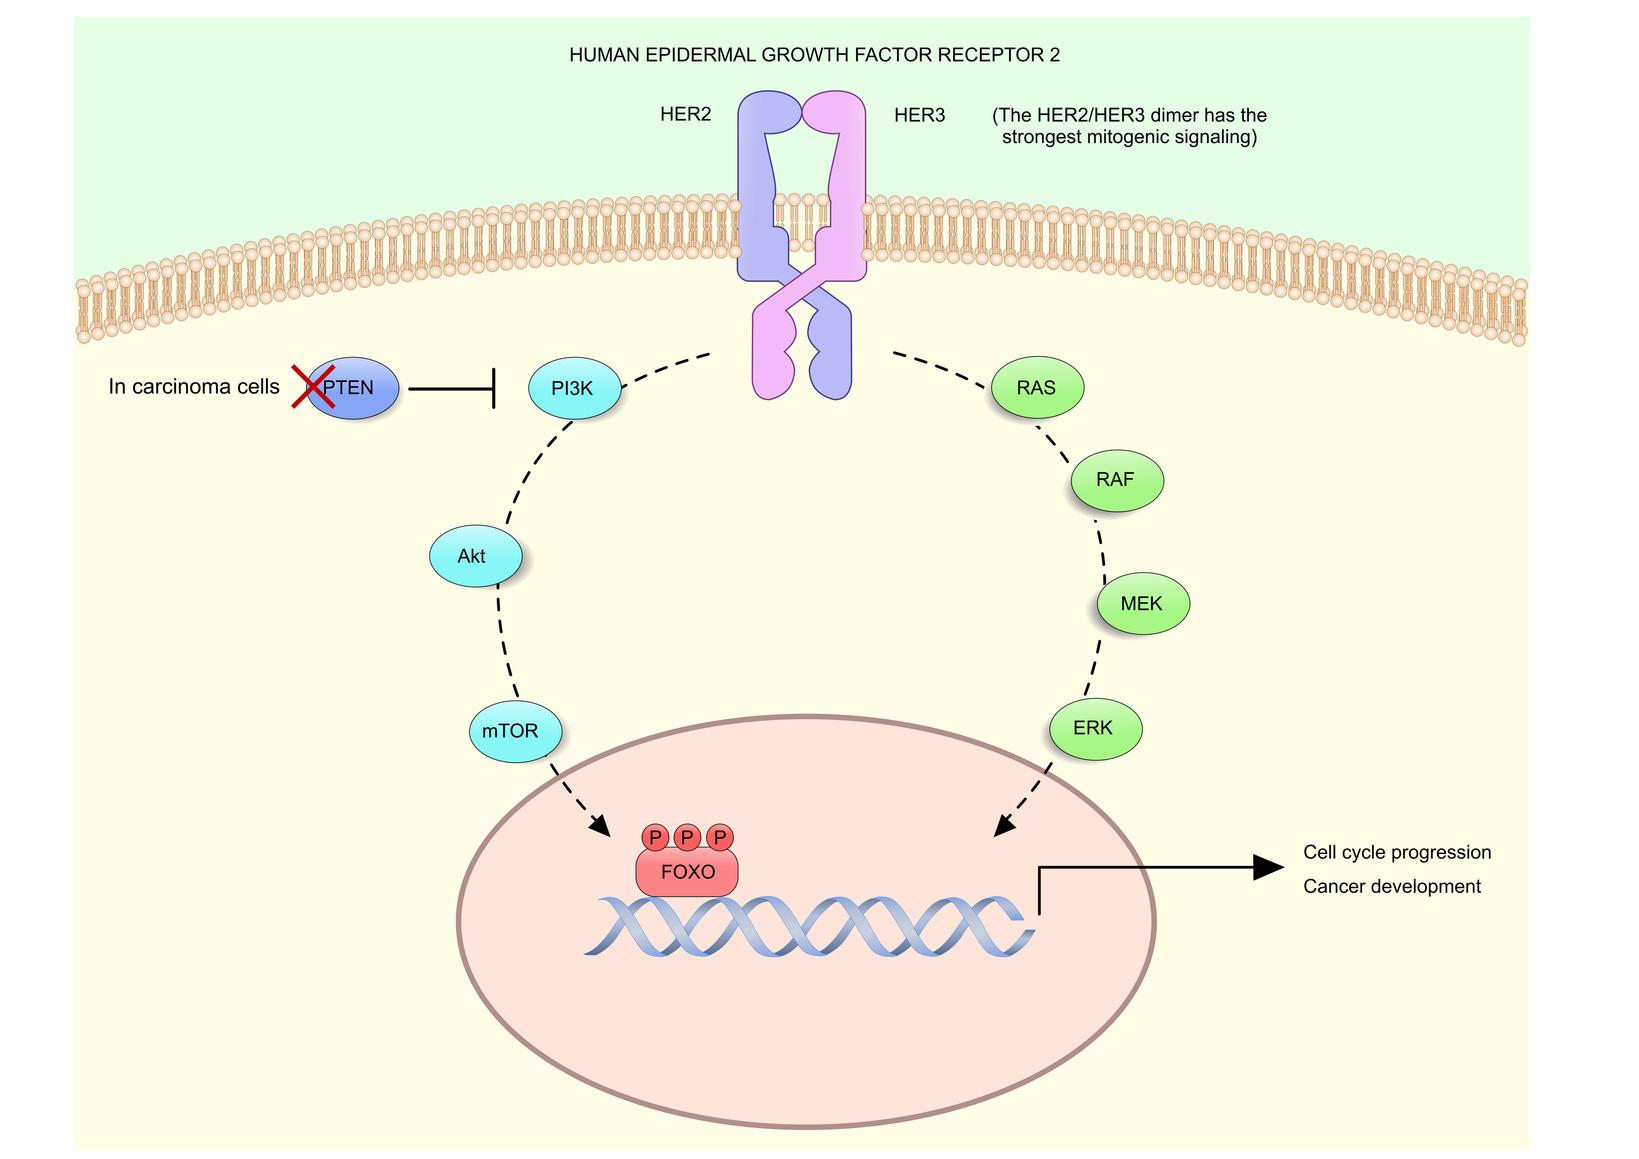 HER2 (human epidermal growth factor receptor 2) – рецептор фактора роста эпидермиса, который может влиять на рост раковых клеток